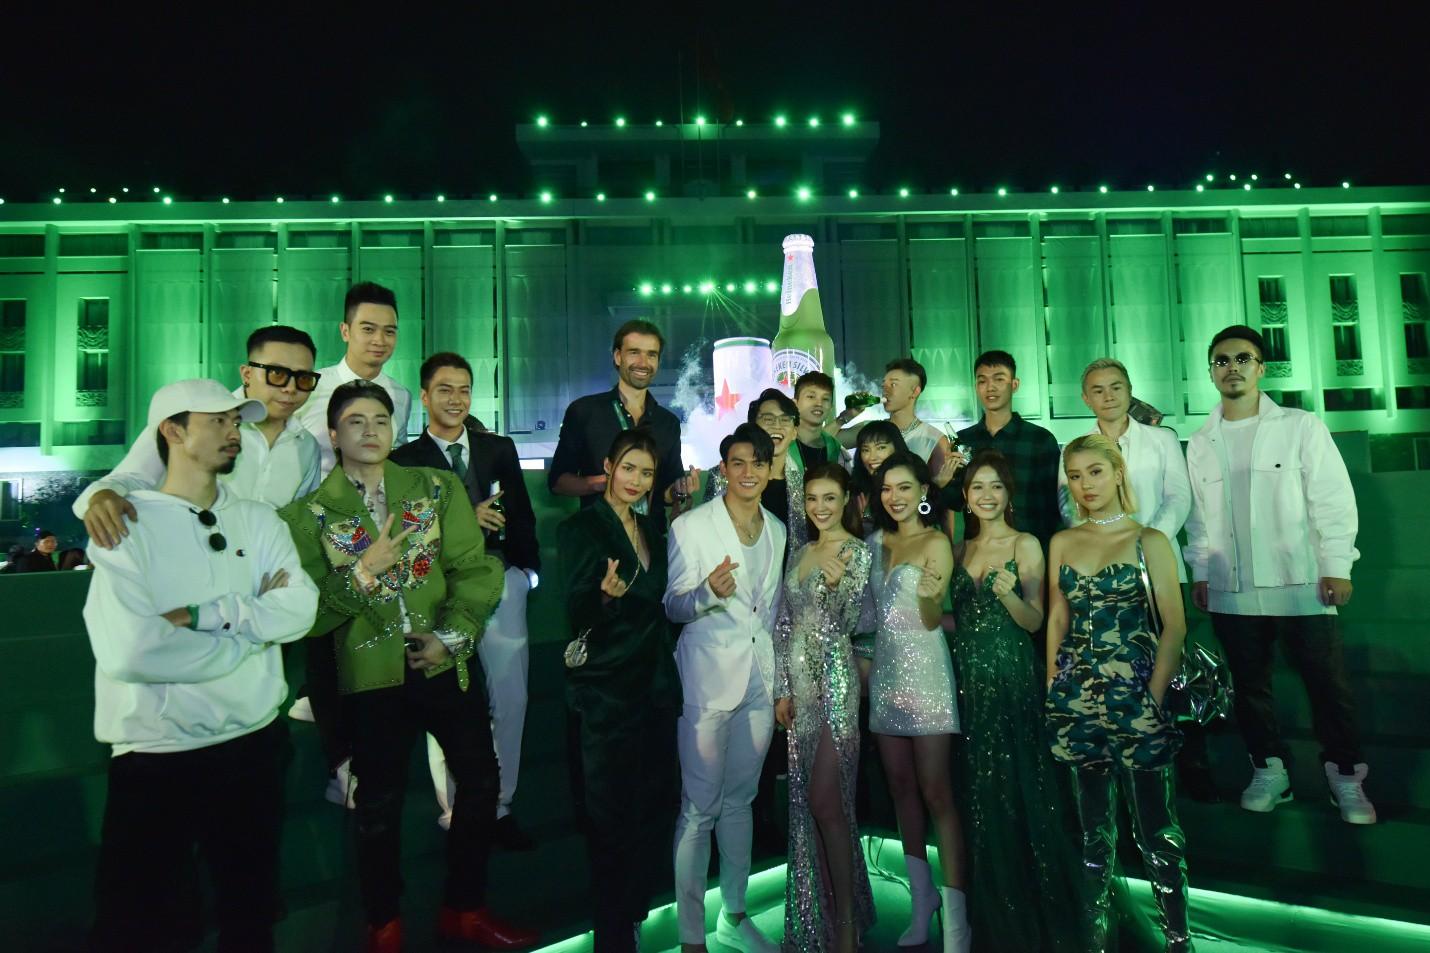 Đen Vâu, Châu Bùi quy tụ trong đại tiệc ra mắt Heineken Silver cực hoành tráng - Ảnh 6.